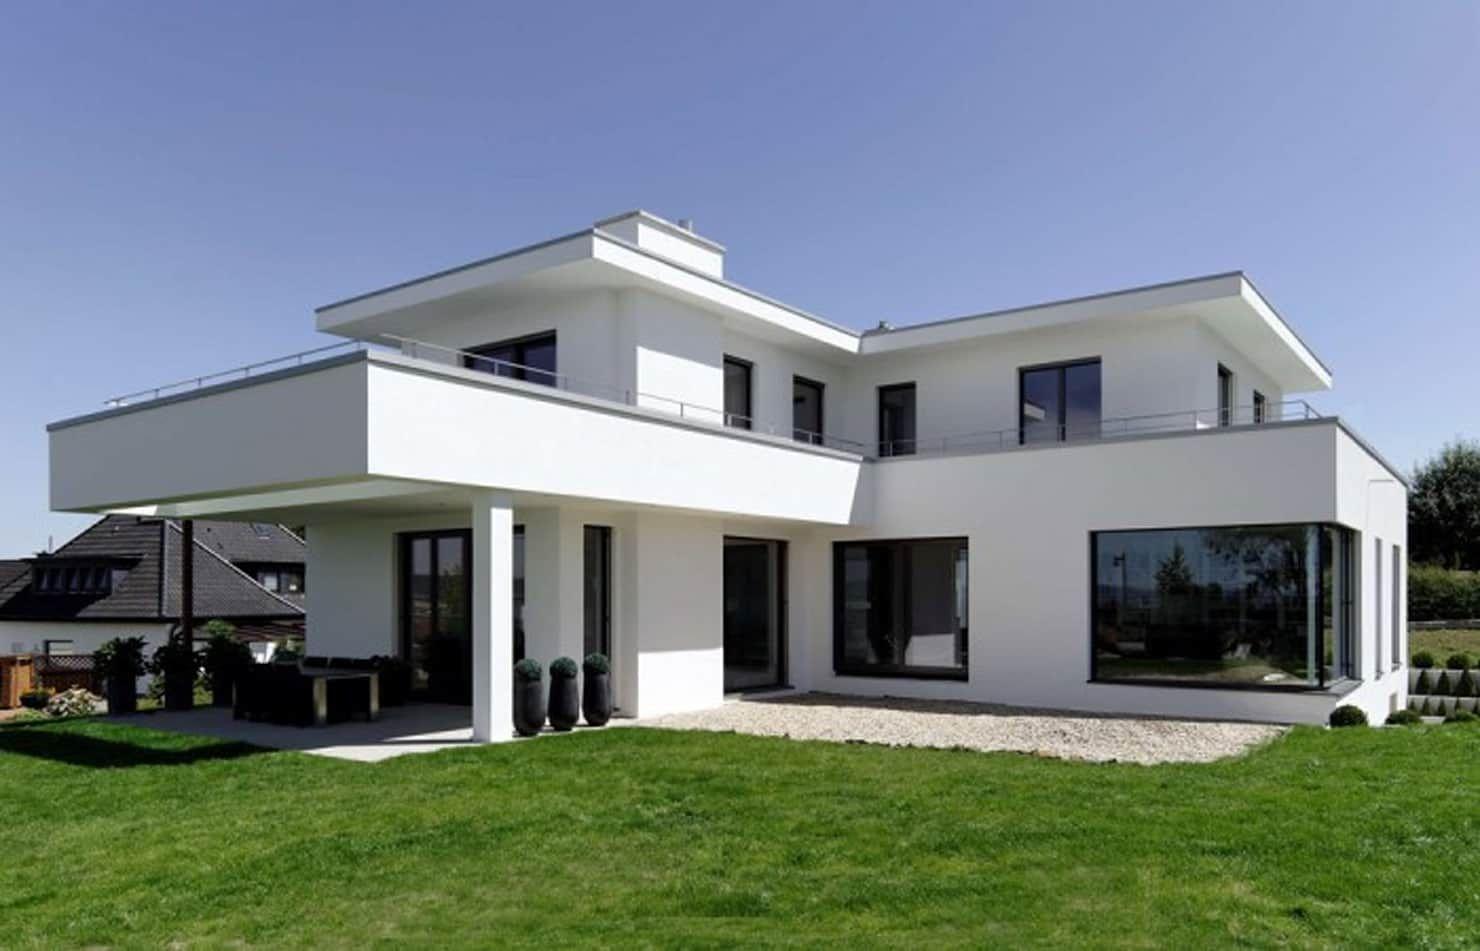 Grundstück verkaufen: Worauf beim Grundstücksverkauf zu achten         ist - Steuern, Kosten & Tipps